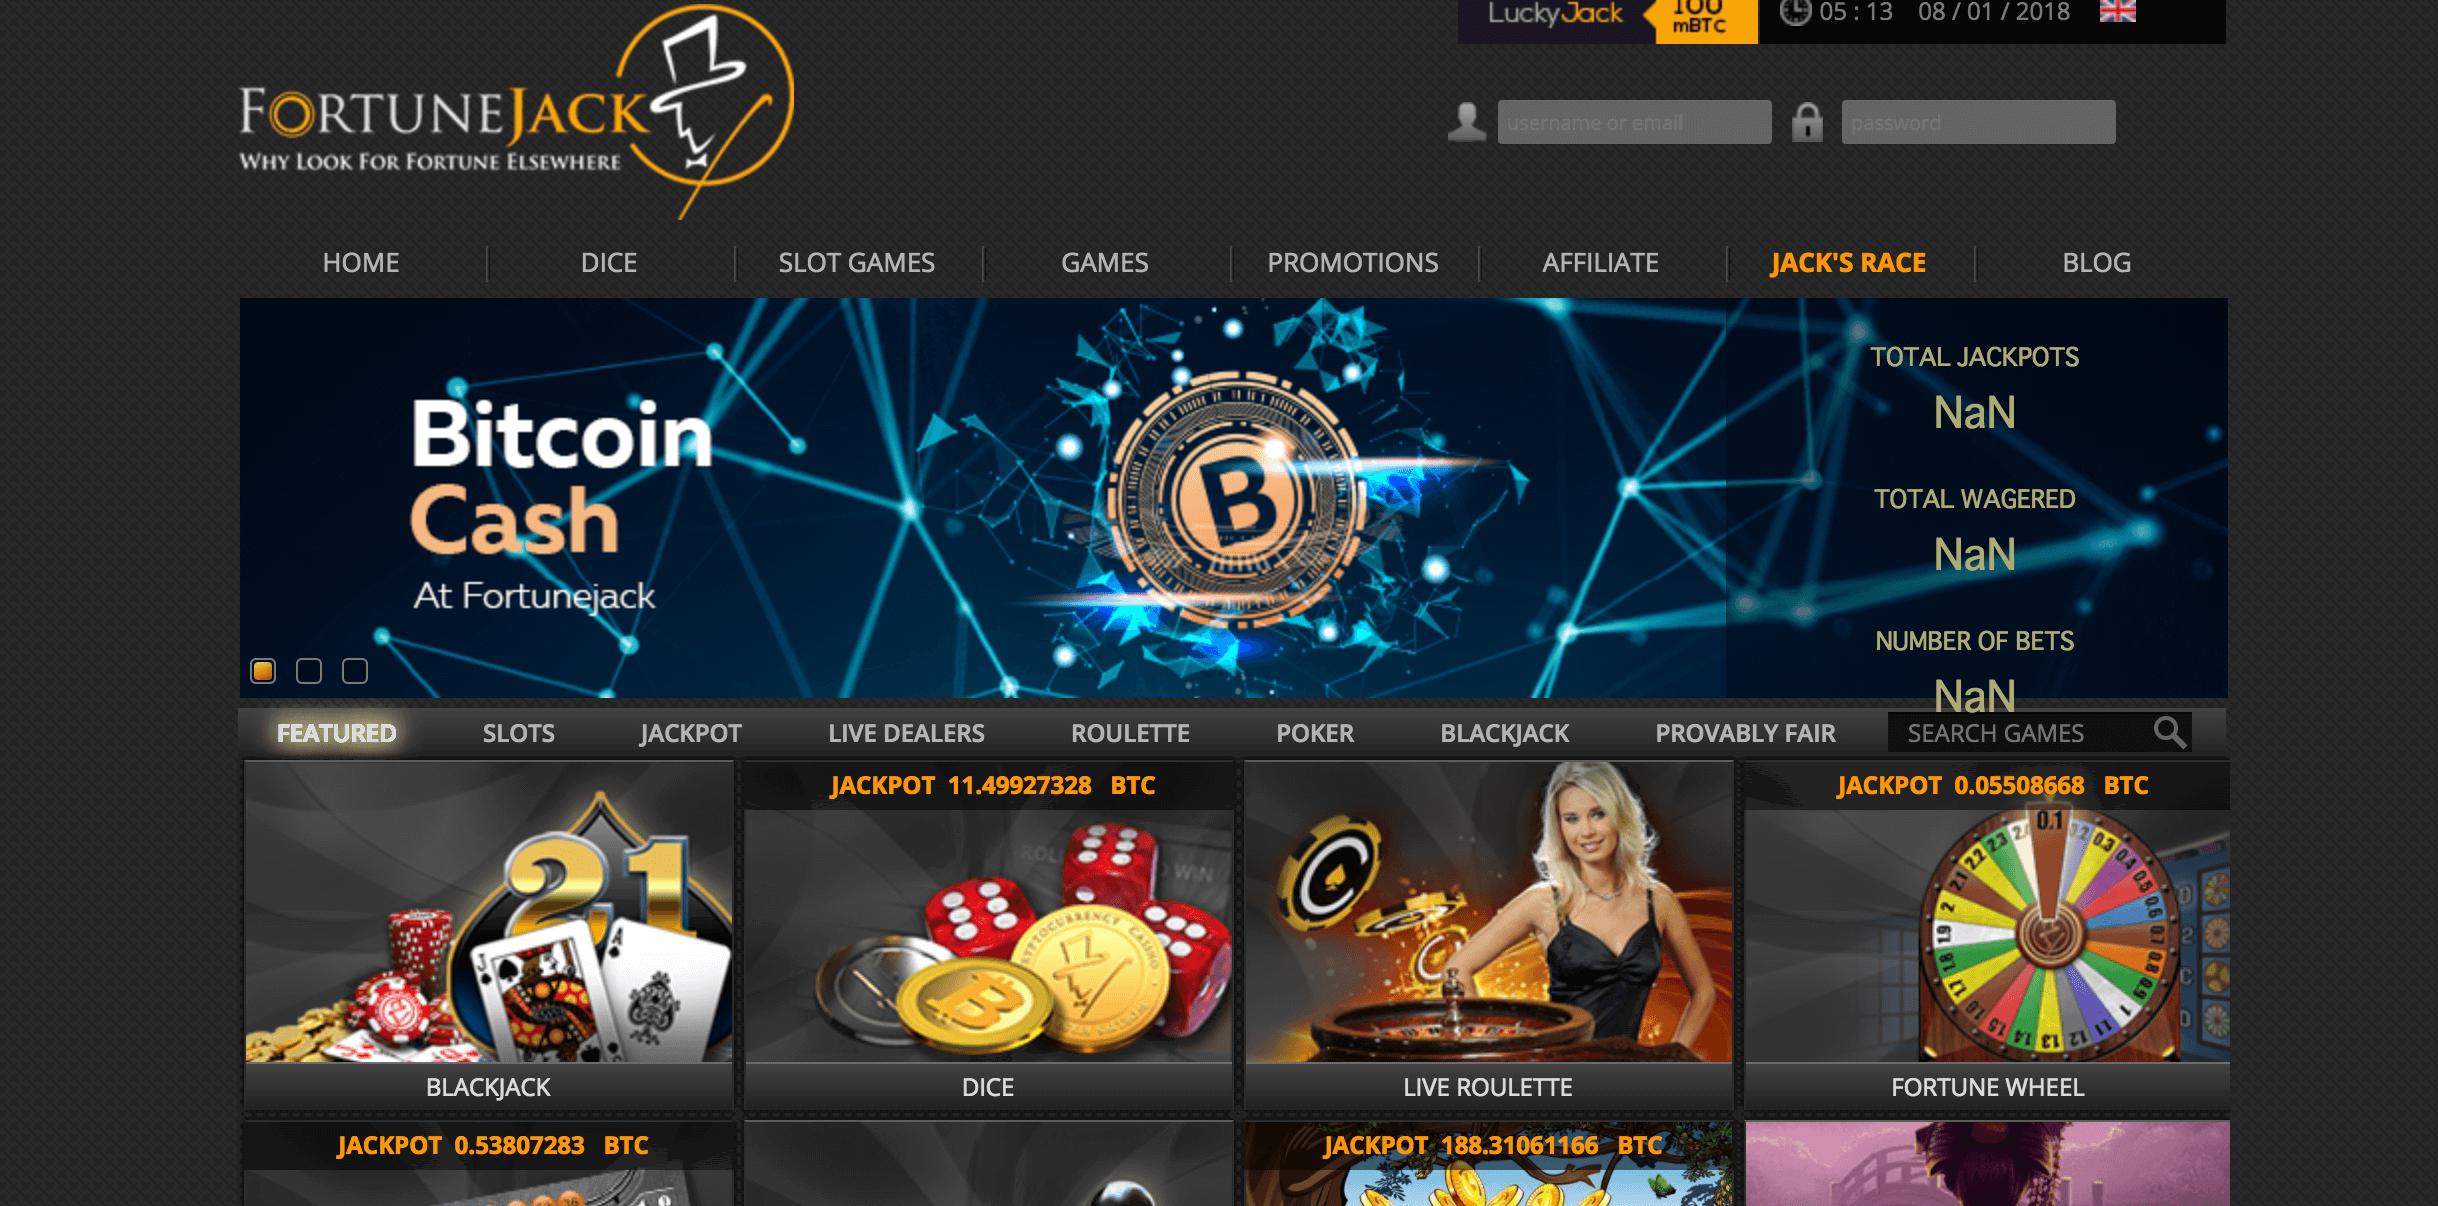 大手仮想通貨オンラインカジノでビットコインキャッシュが使用可能に